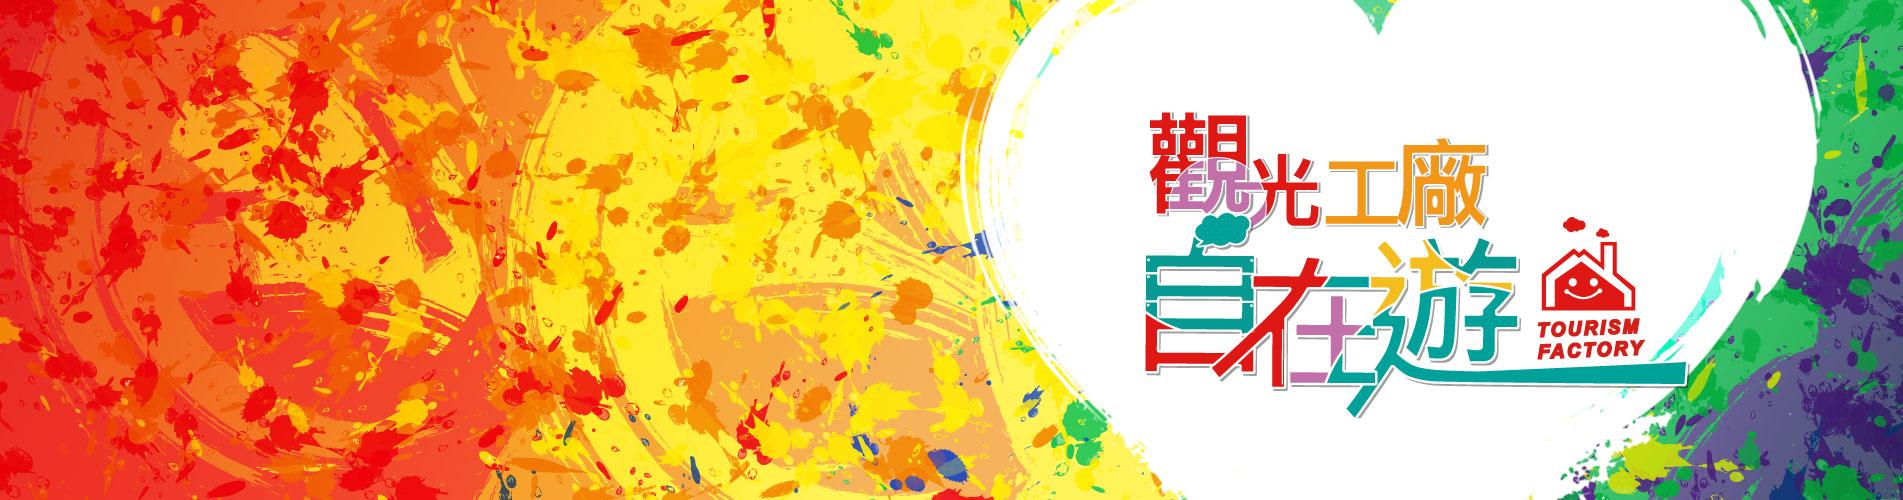 2017台中國際旅展